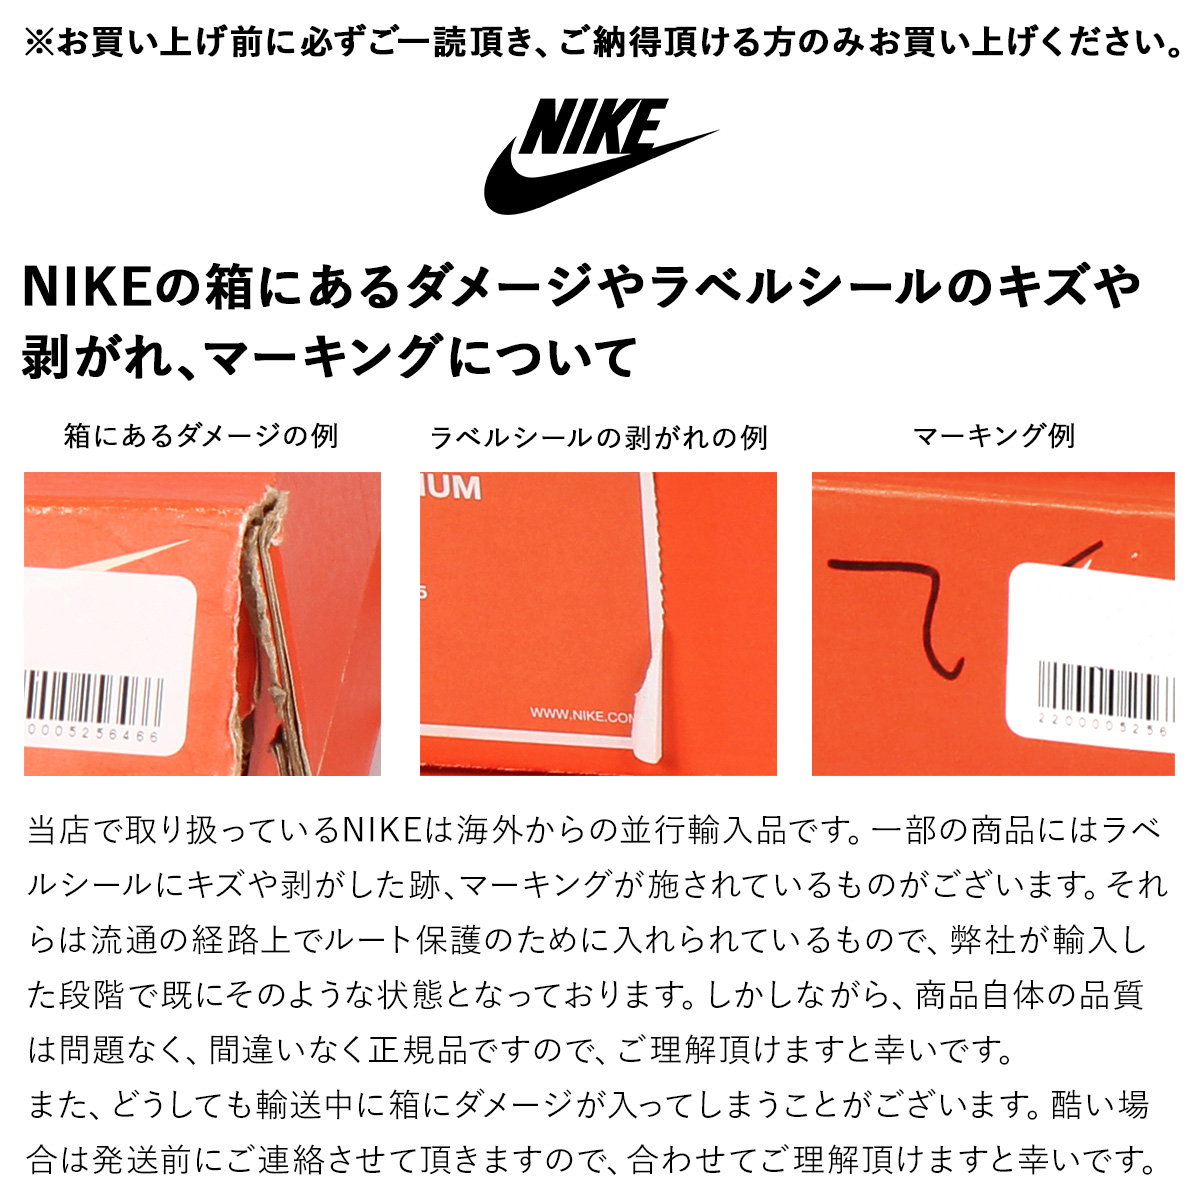 ナイキ NIKE レブロン 16 スニーカー メンズ LEBRON 16 SB SUPER BRON ホワイト 白 CD2451 100zzi返品不可Fc1TJKl